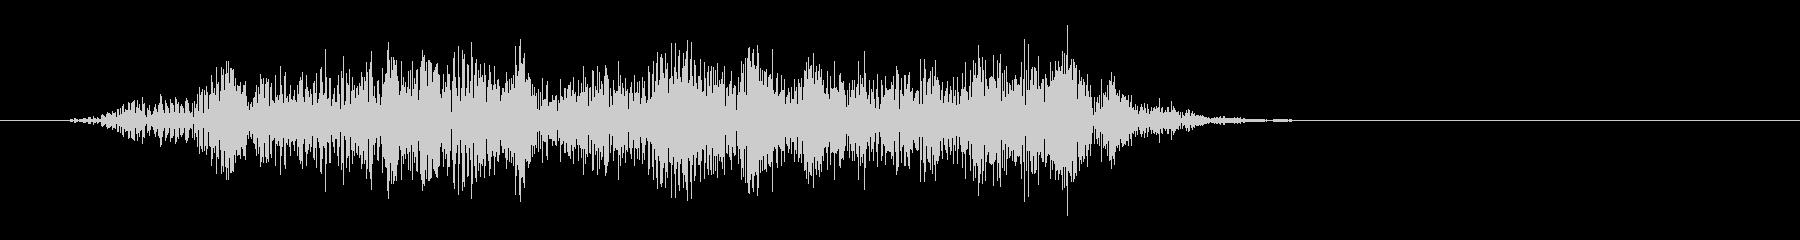 キキ(弦を擦ったような音)の未再生の波形